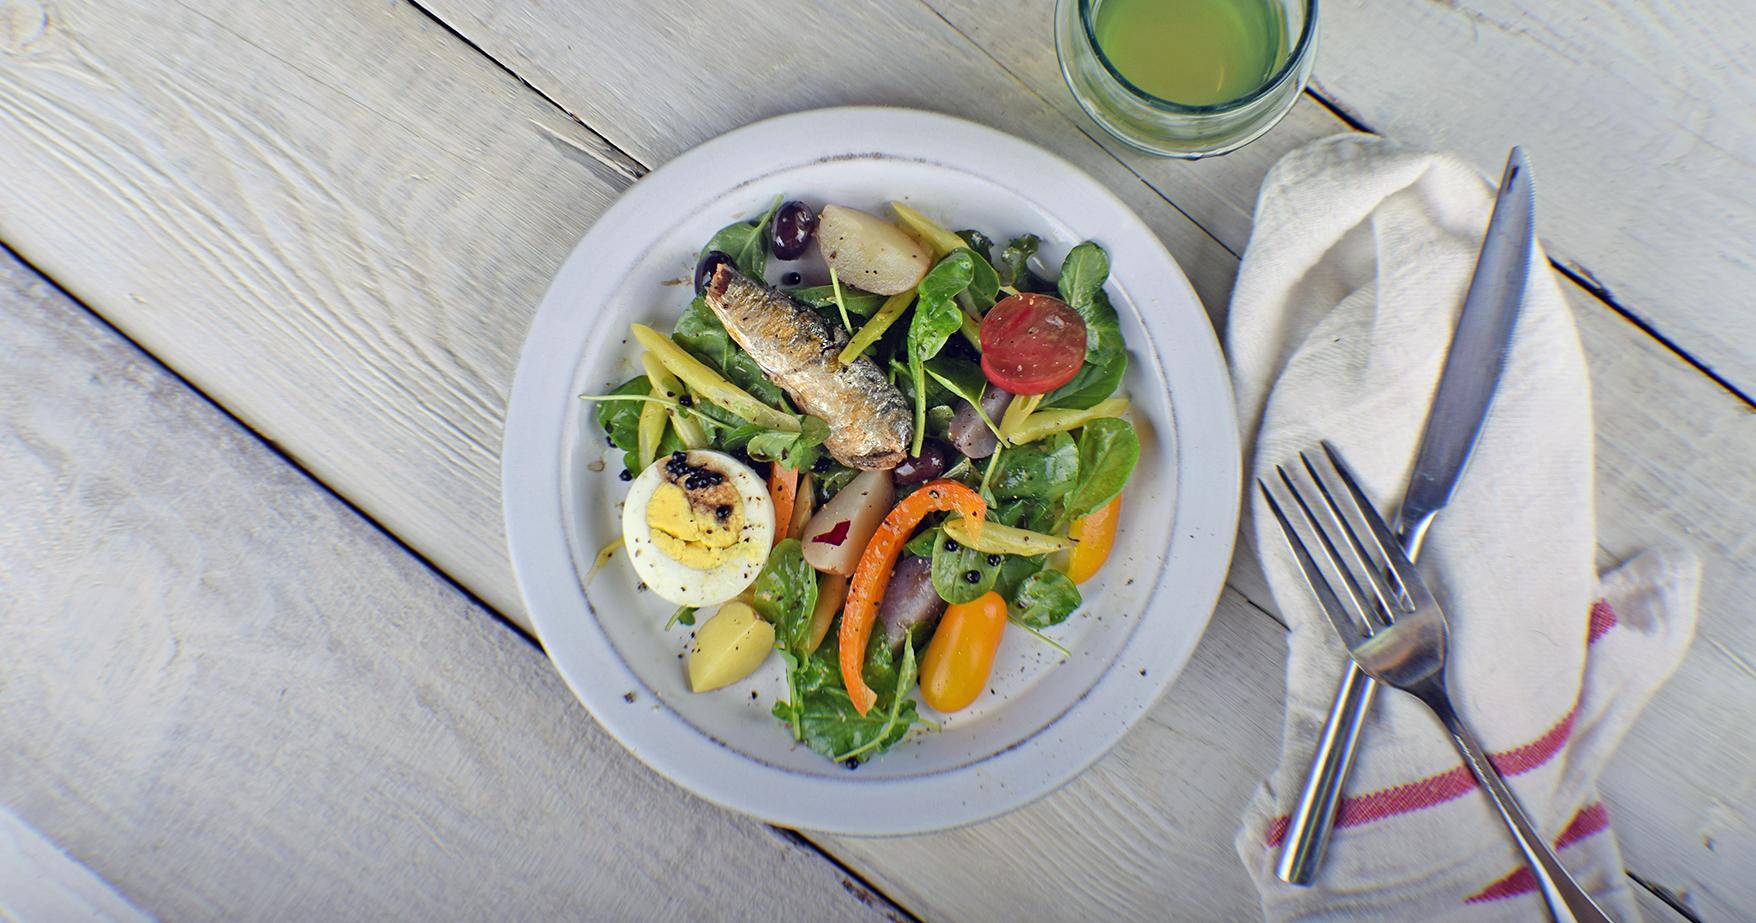 A Proper Niçoise Salad Recipe